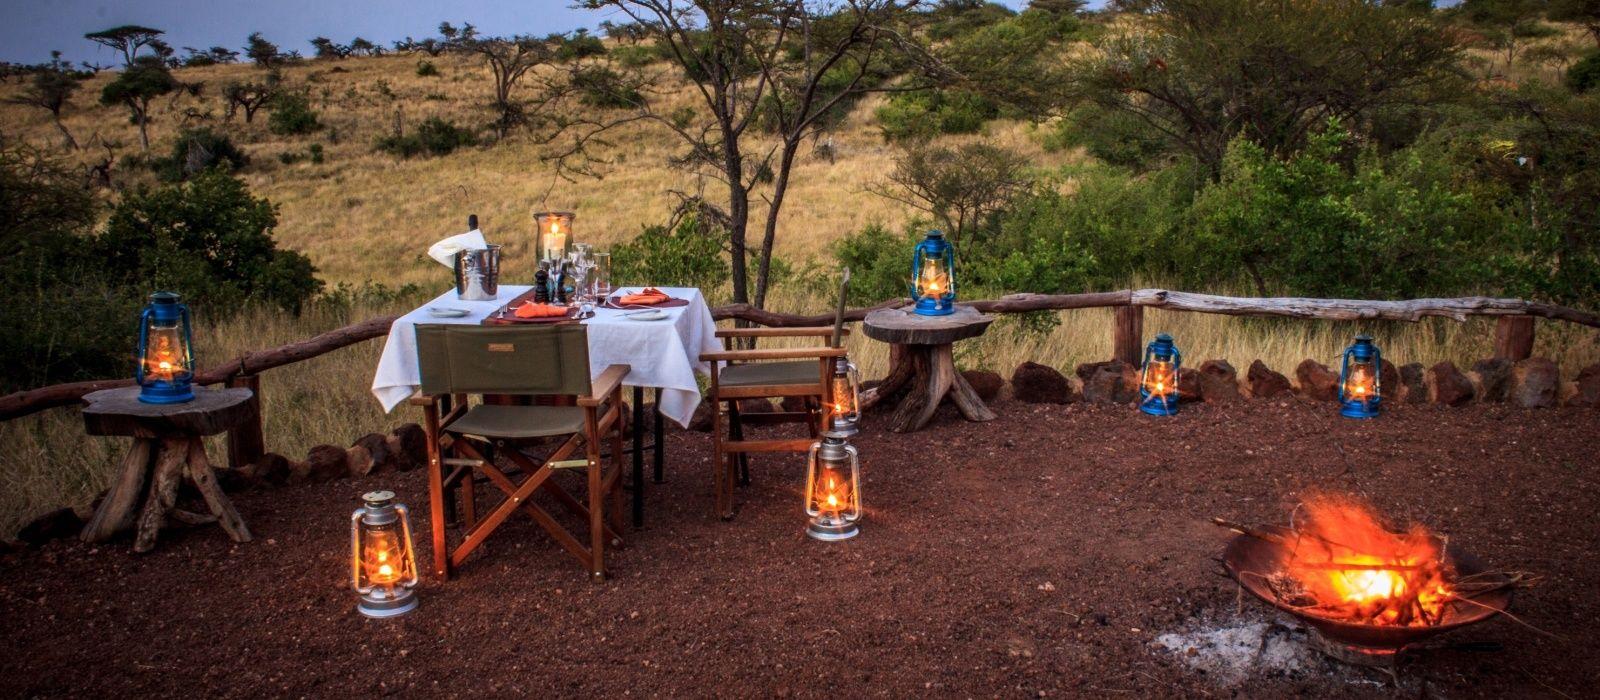 Wildes Kenia – Luxus Safari Reise Urlaub 1